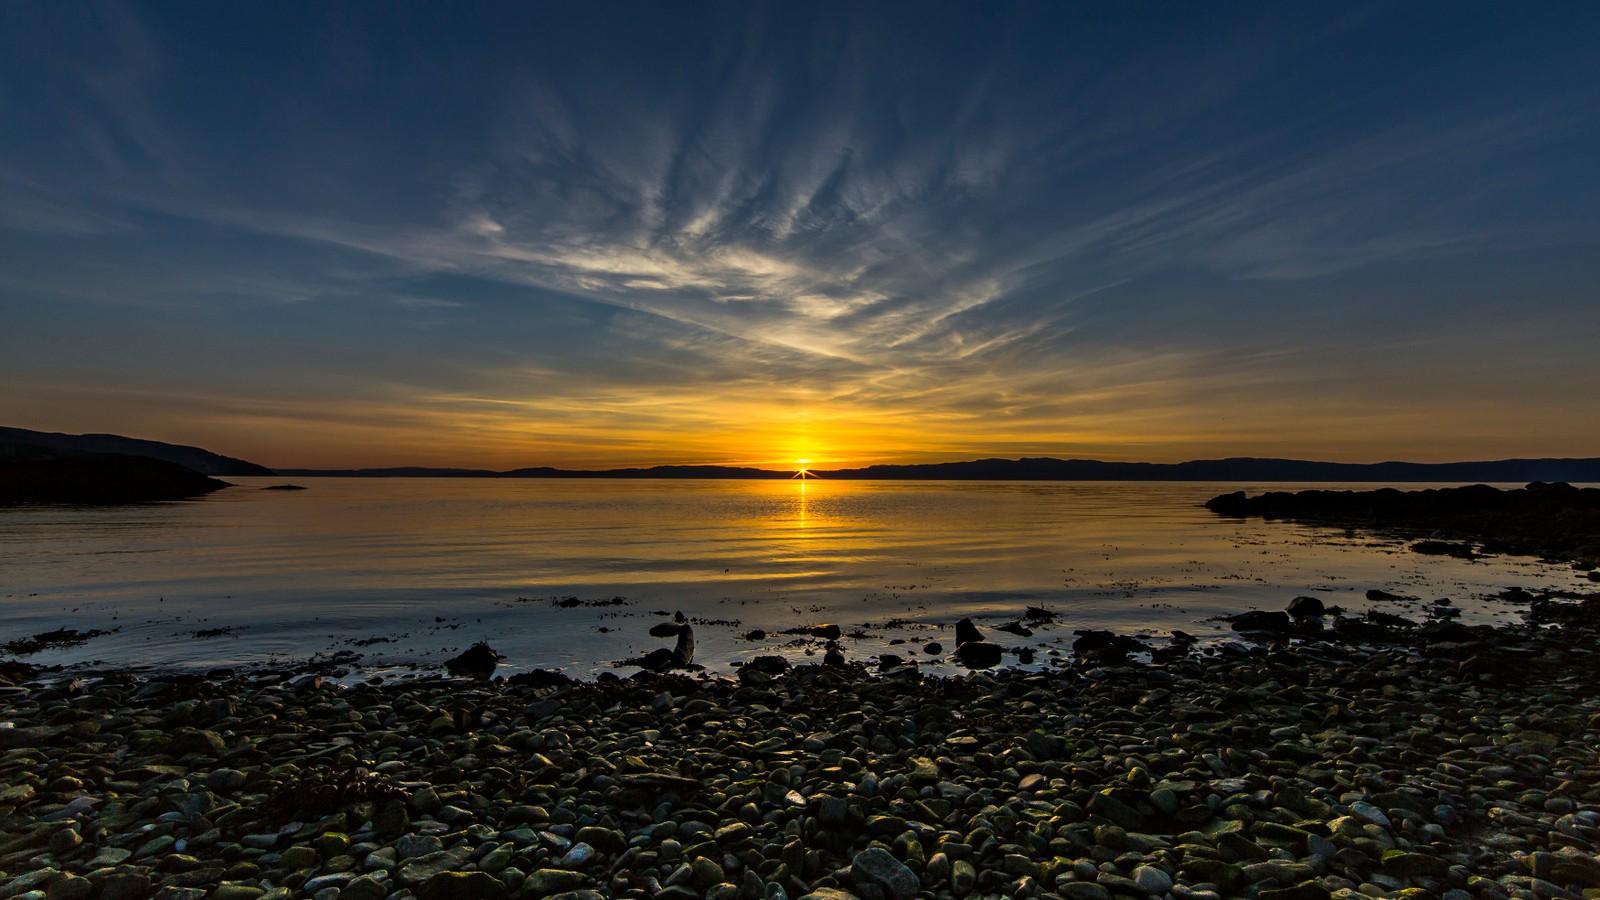 Solnedgang i Korsvika på Lade